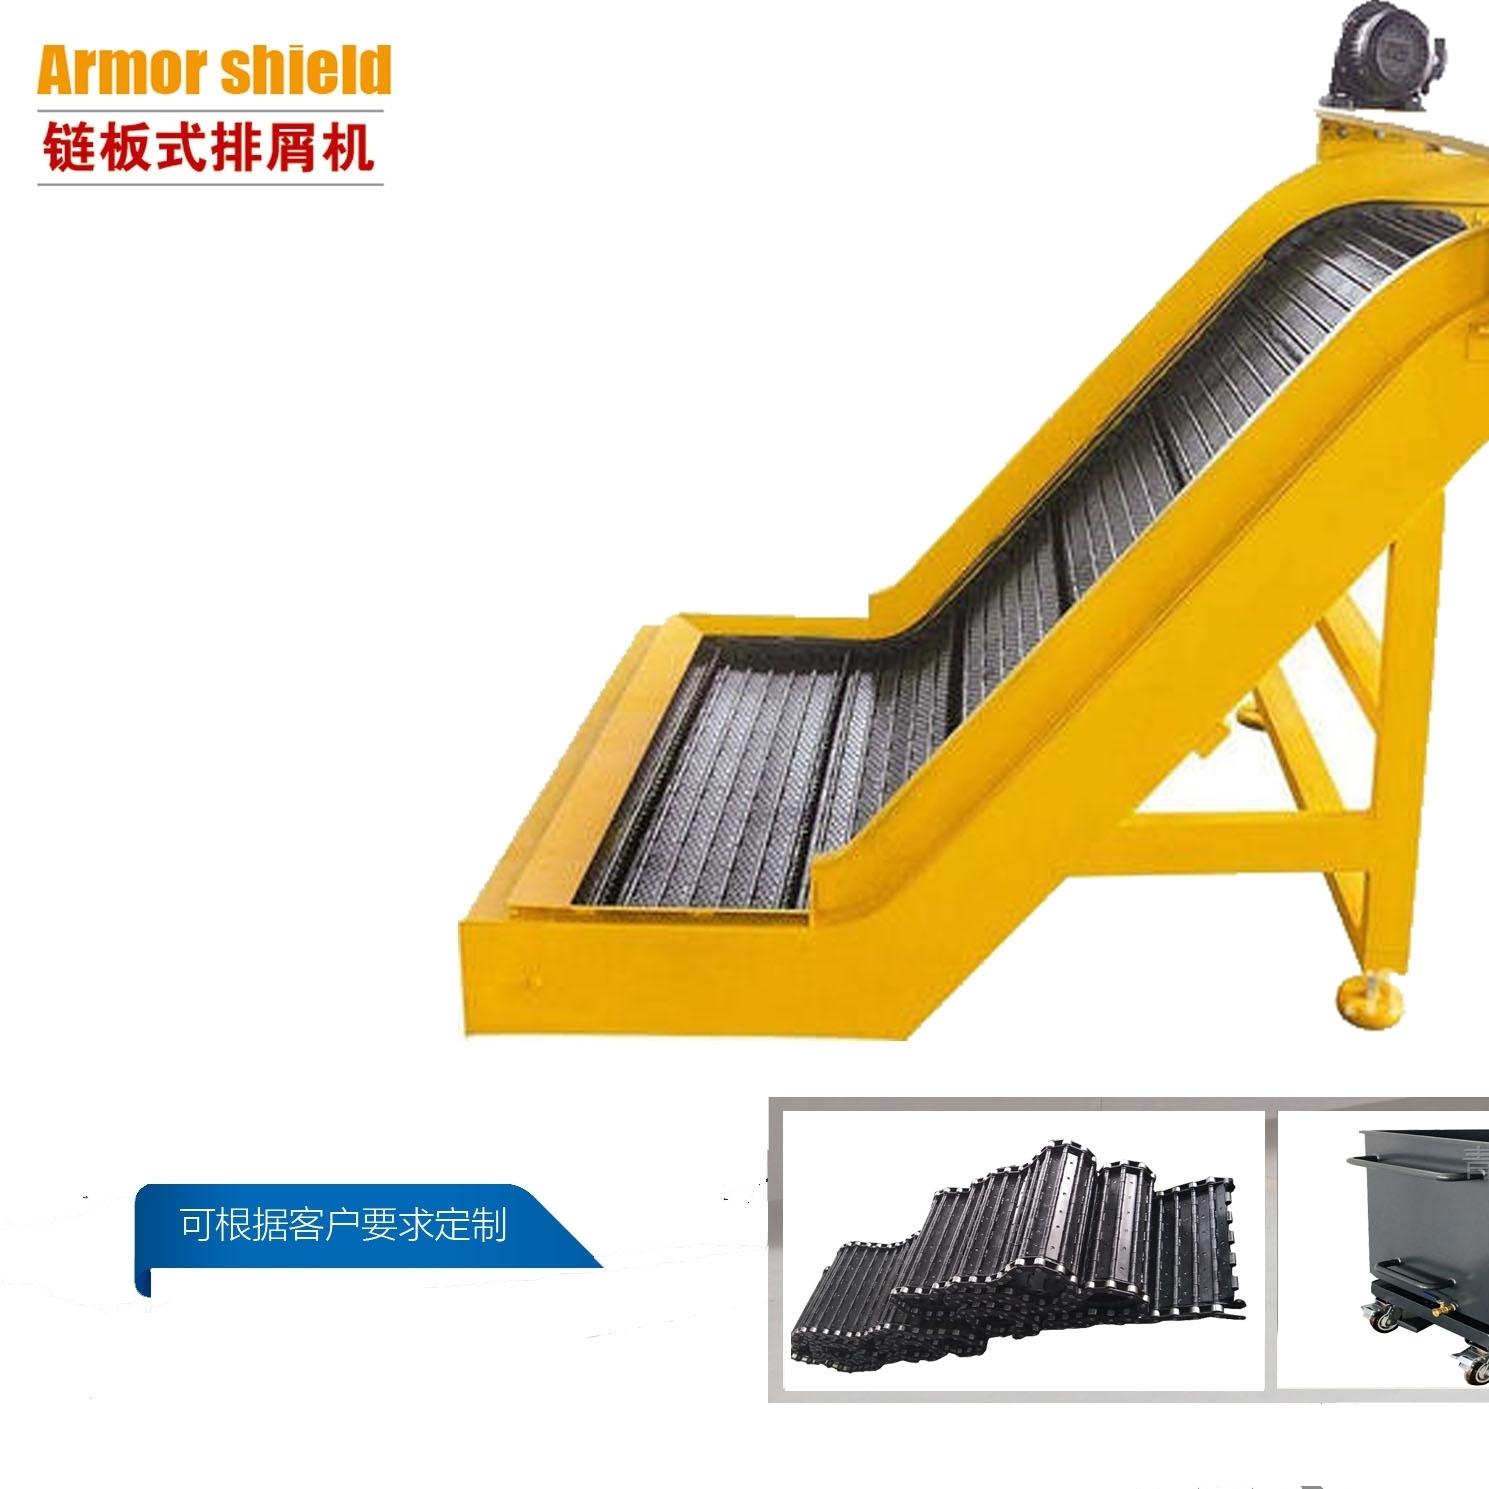 磁性机床排屑机生产厂家